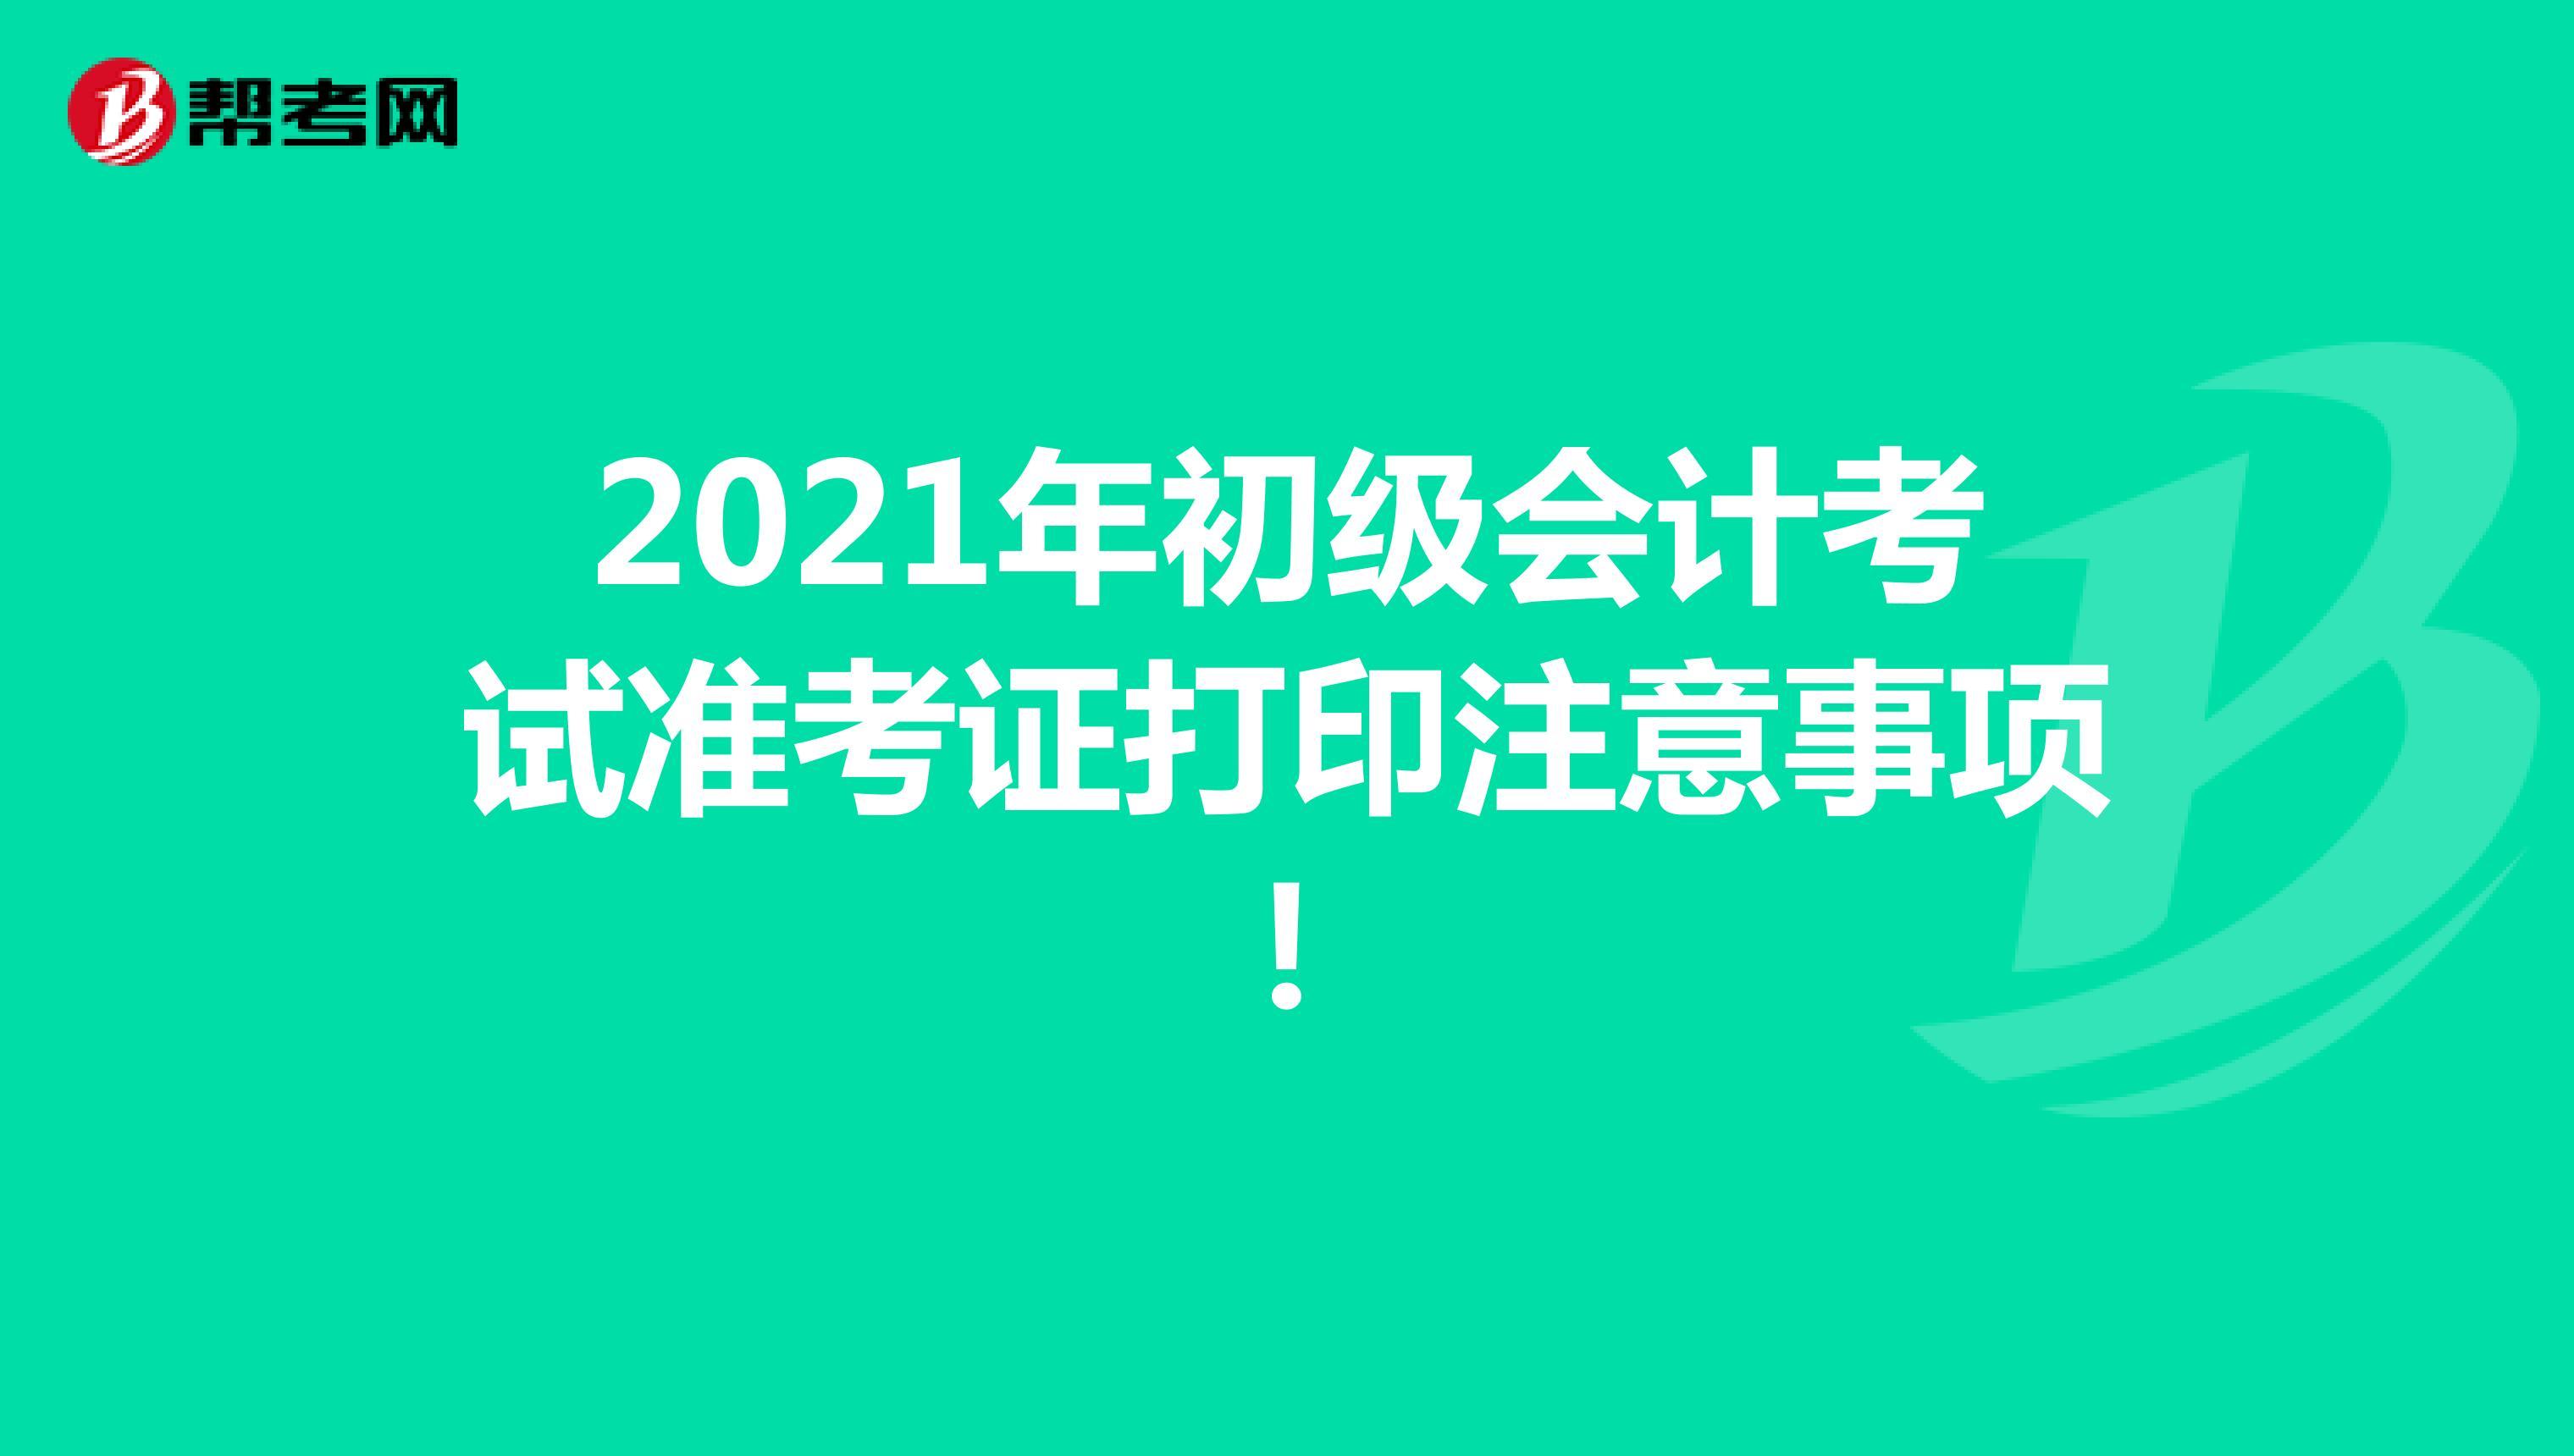 2021年初级会计考试准考证打印注意事项!